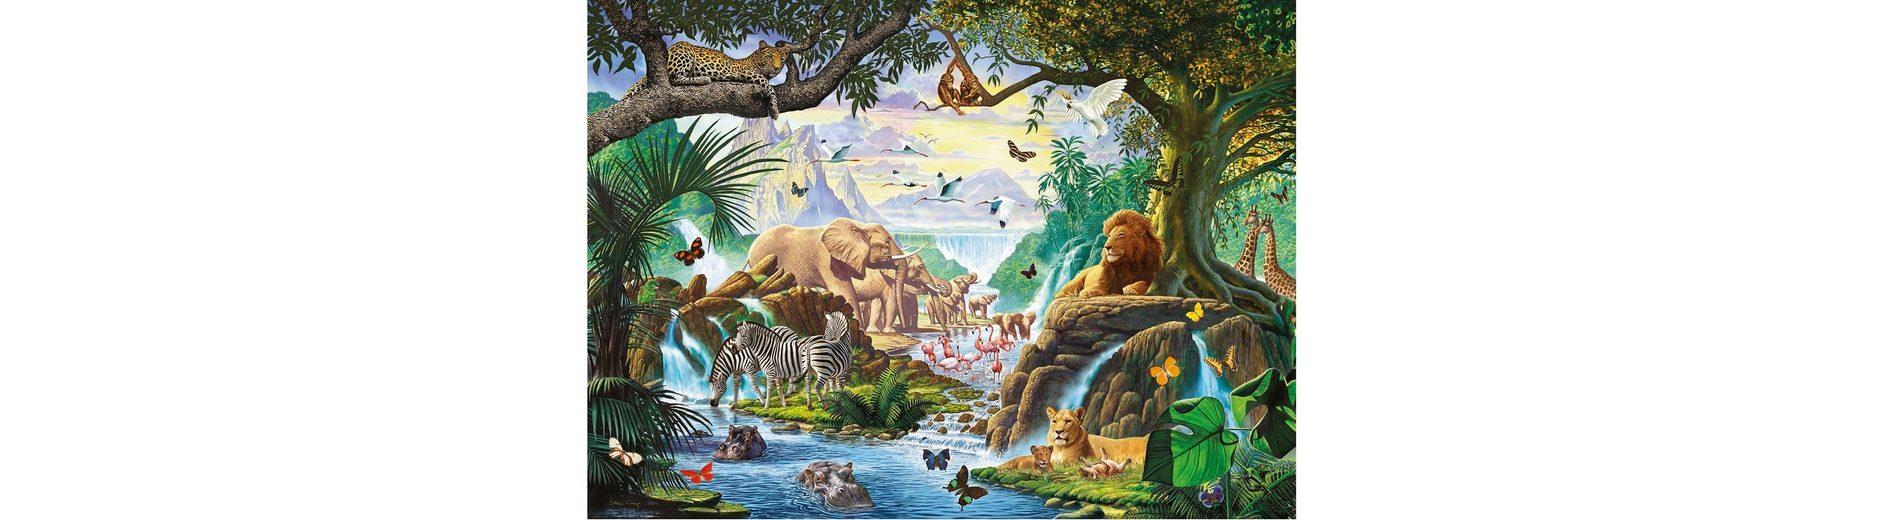 Ravensburger Puzzle 500 Teile, »Tiere am Wasserloch«